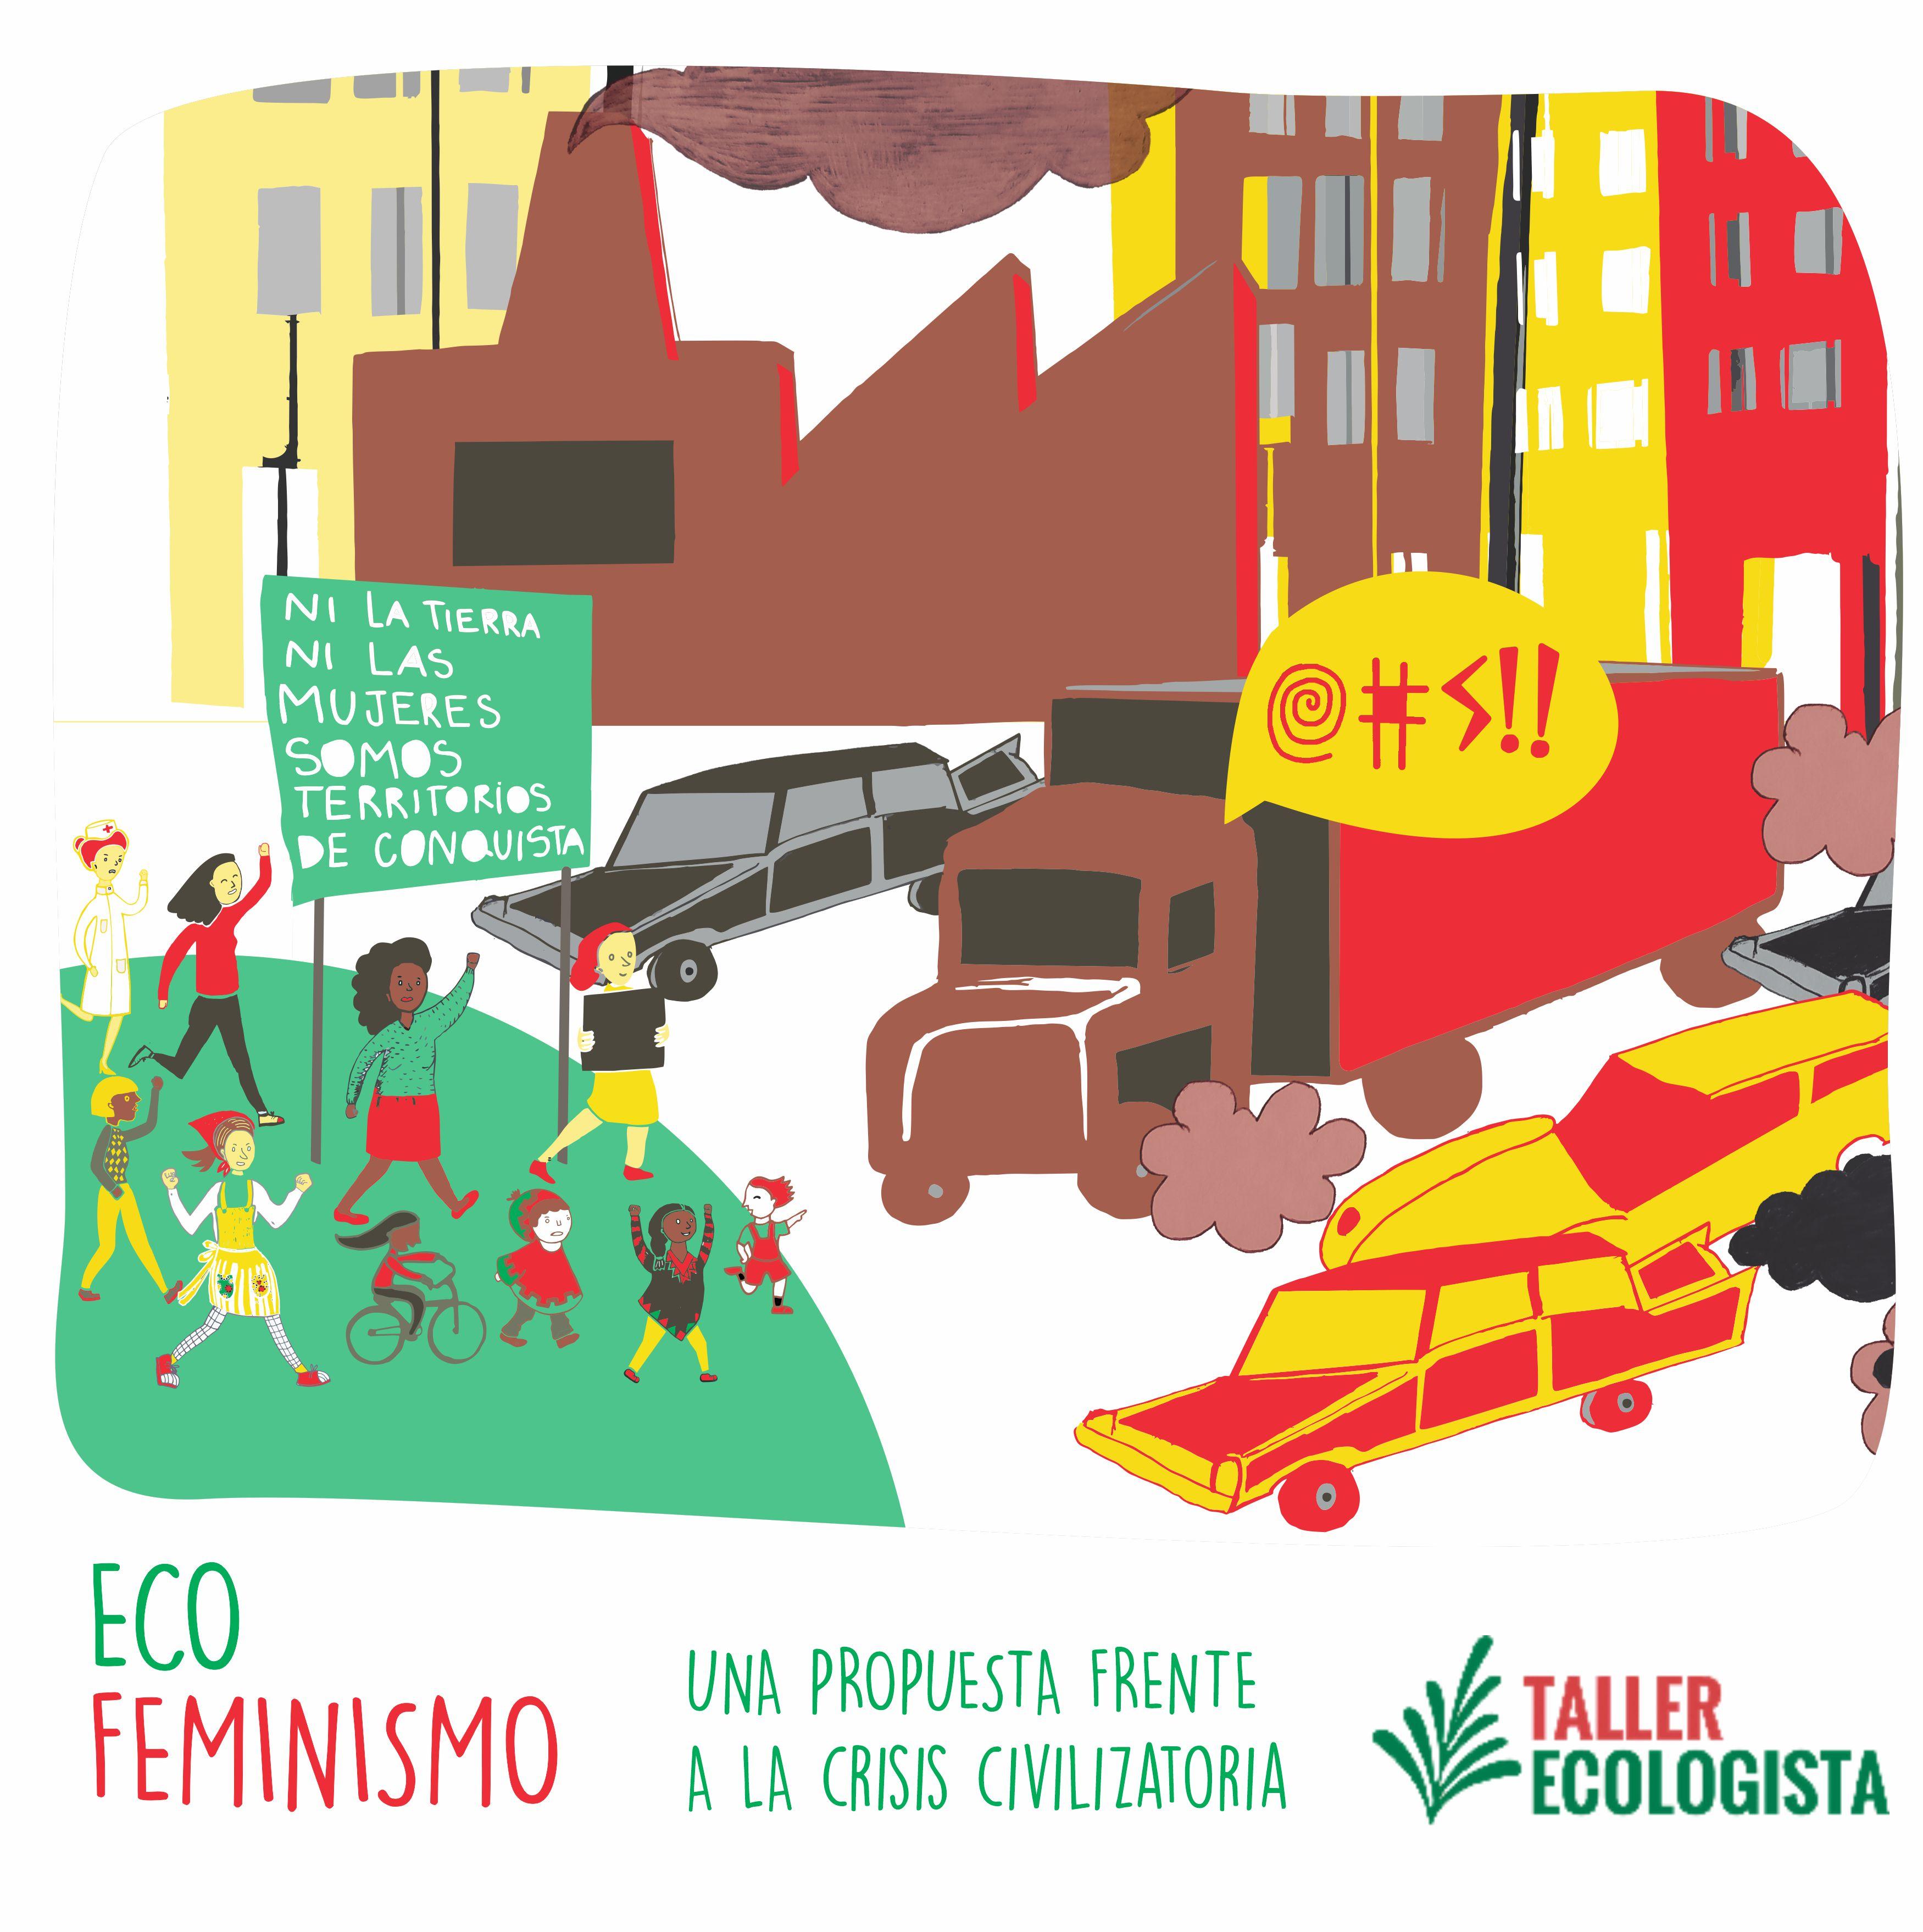 Ecofeminismo: Una propuesta frente a la crisis civilizatoria